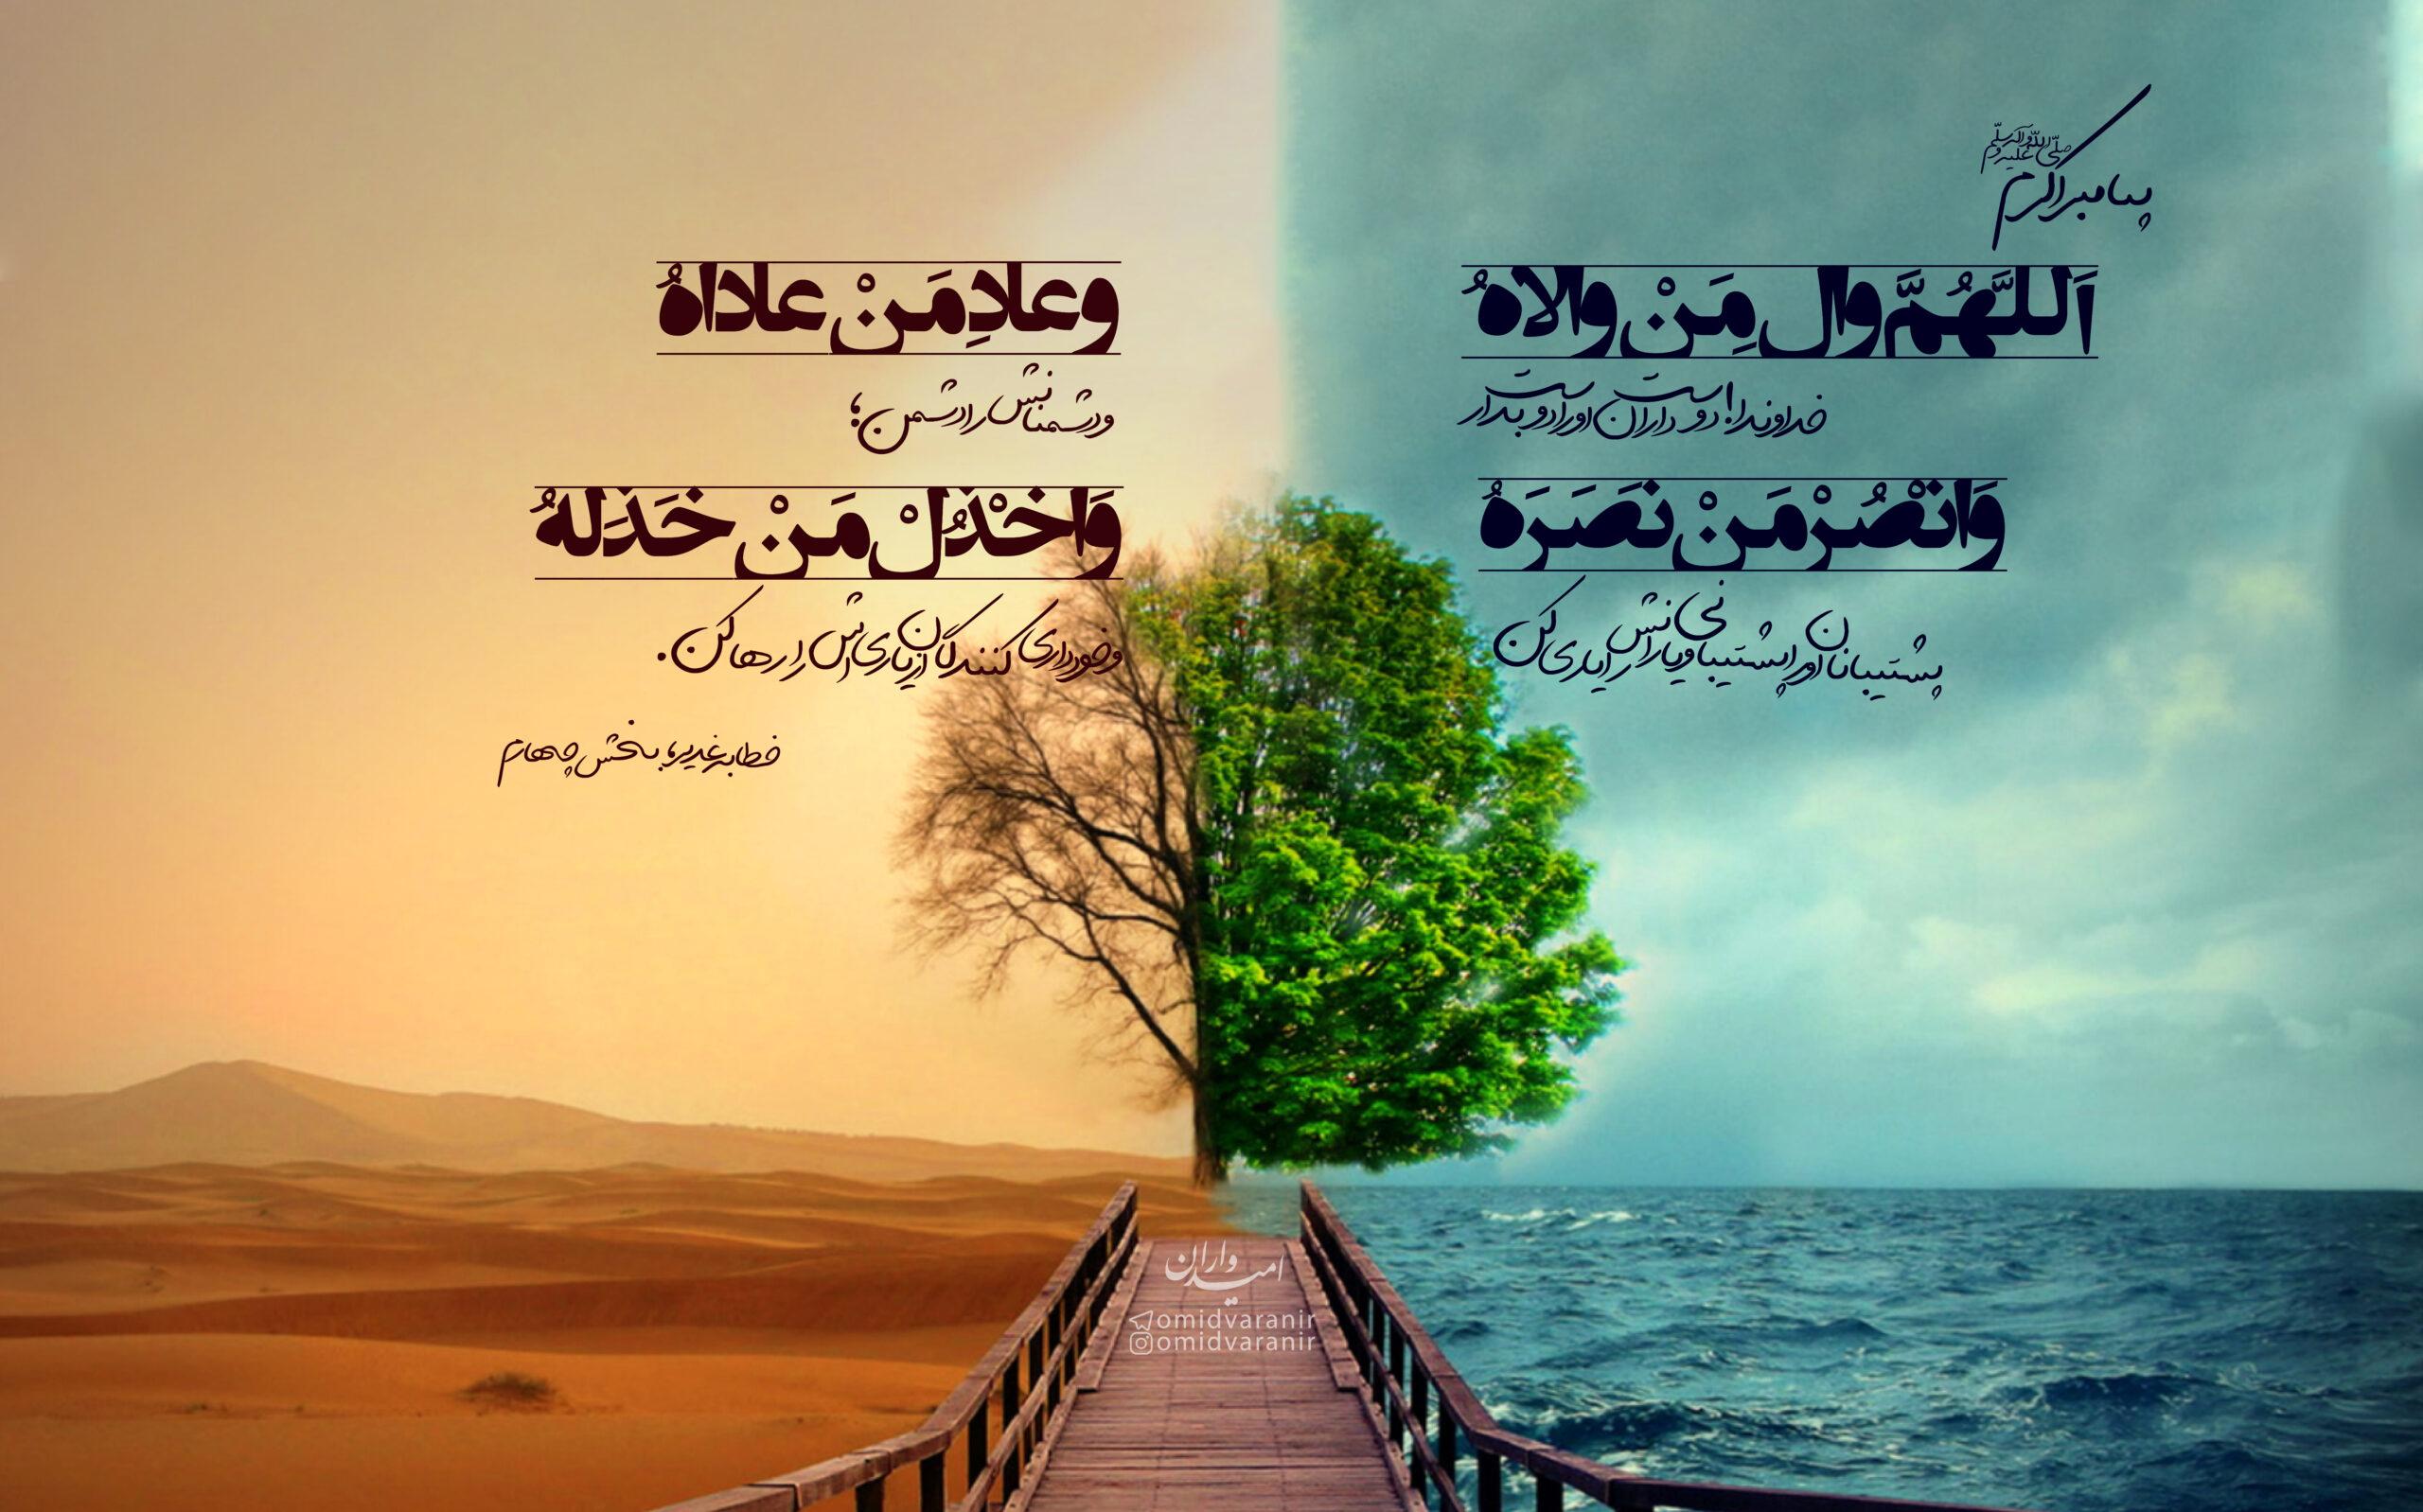 عکس نوشته های خطبه غدیر